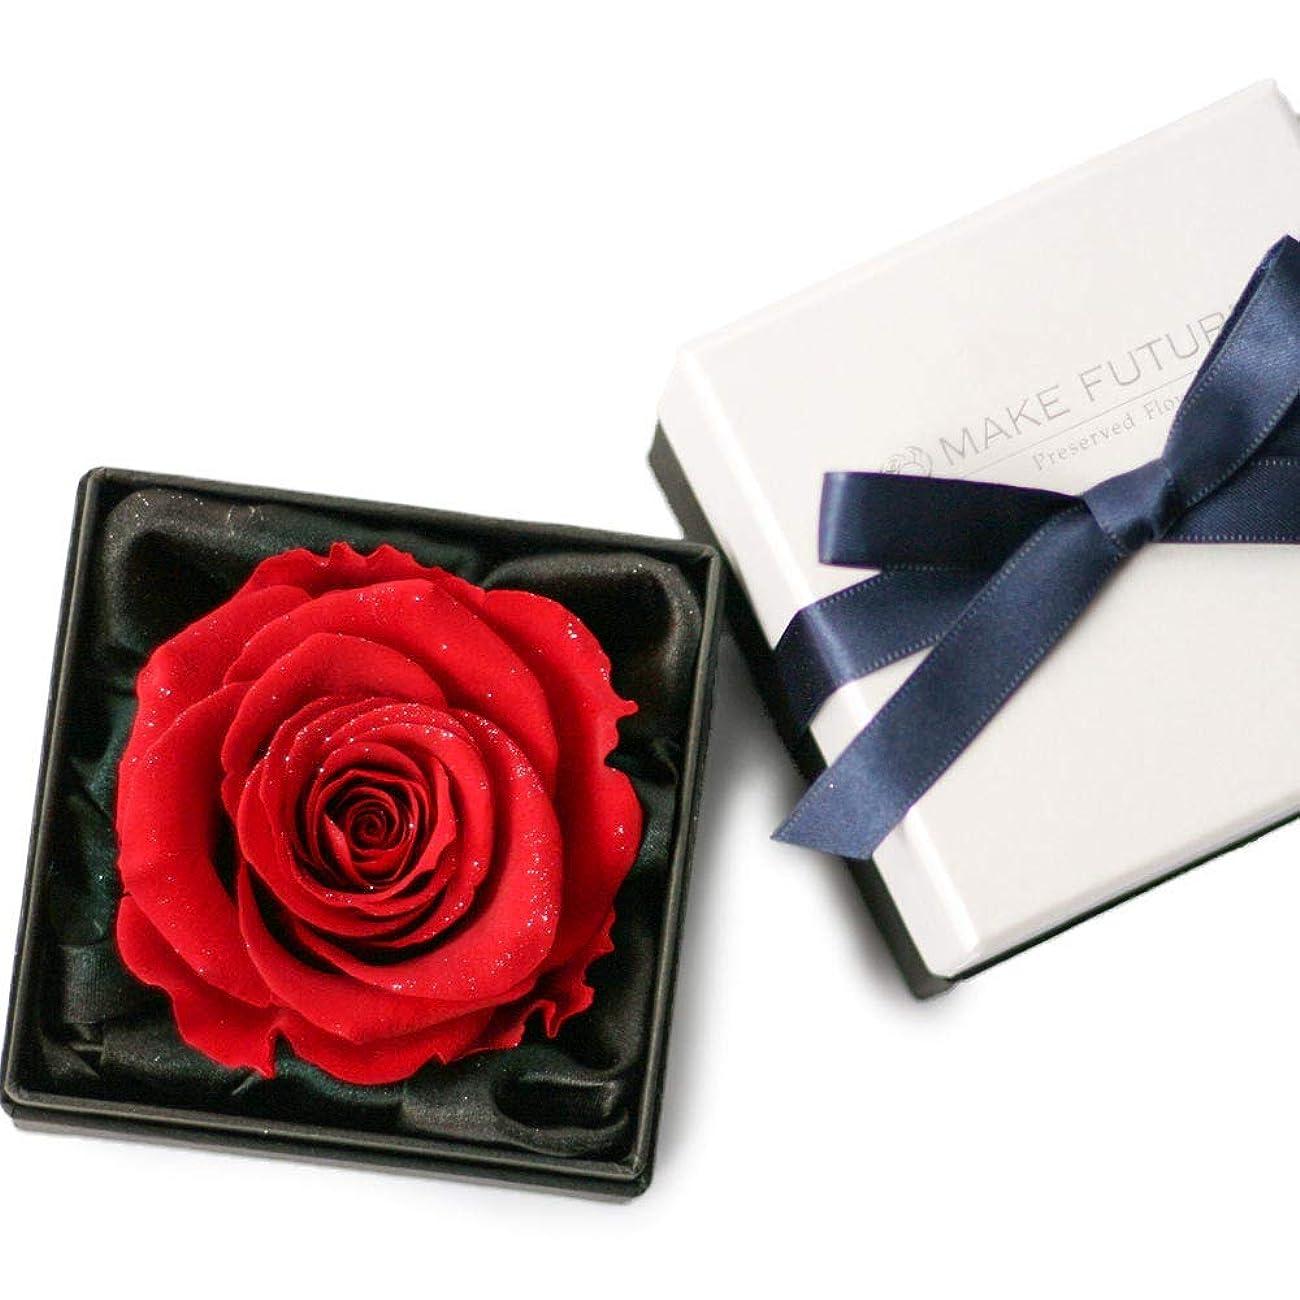 防腐剤ベアリングサークルしょっぱいMakefuture Diamond Rose 9 プリザーブドフラワー 花 プロポーズ 薔薇 赤 一輪 フラワーボックス ブライトレッド